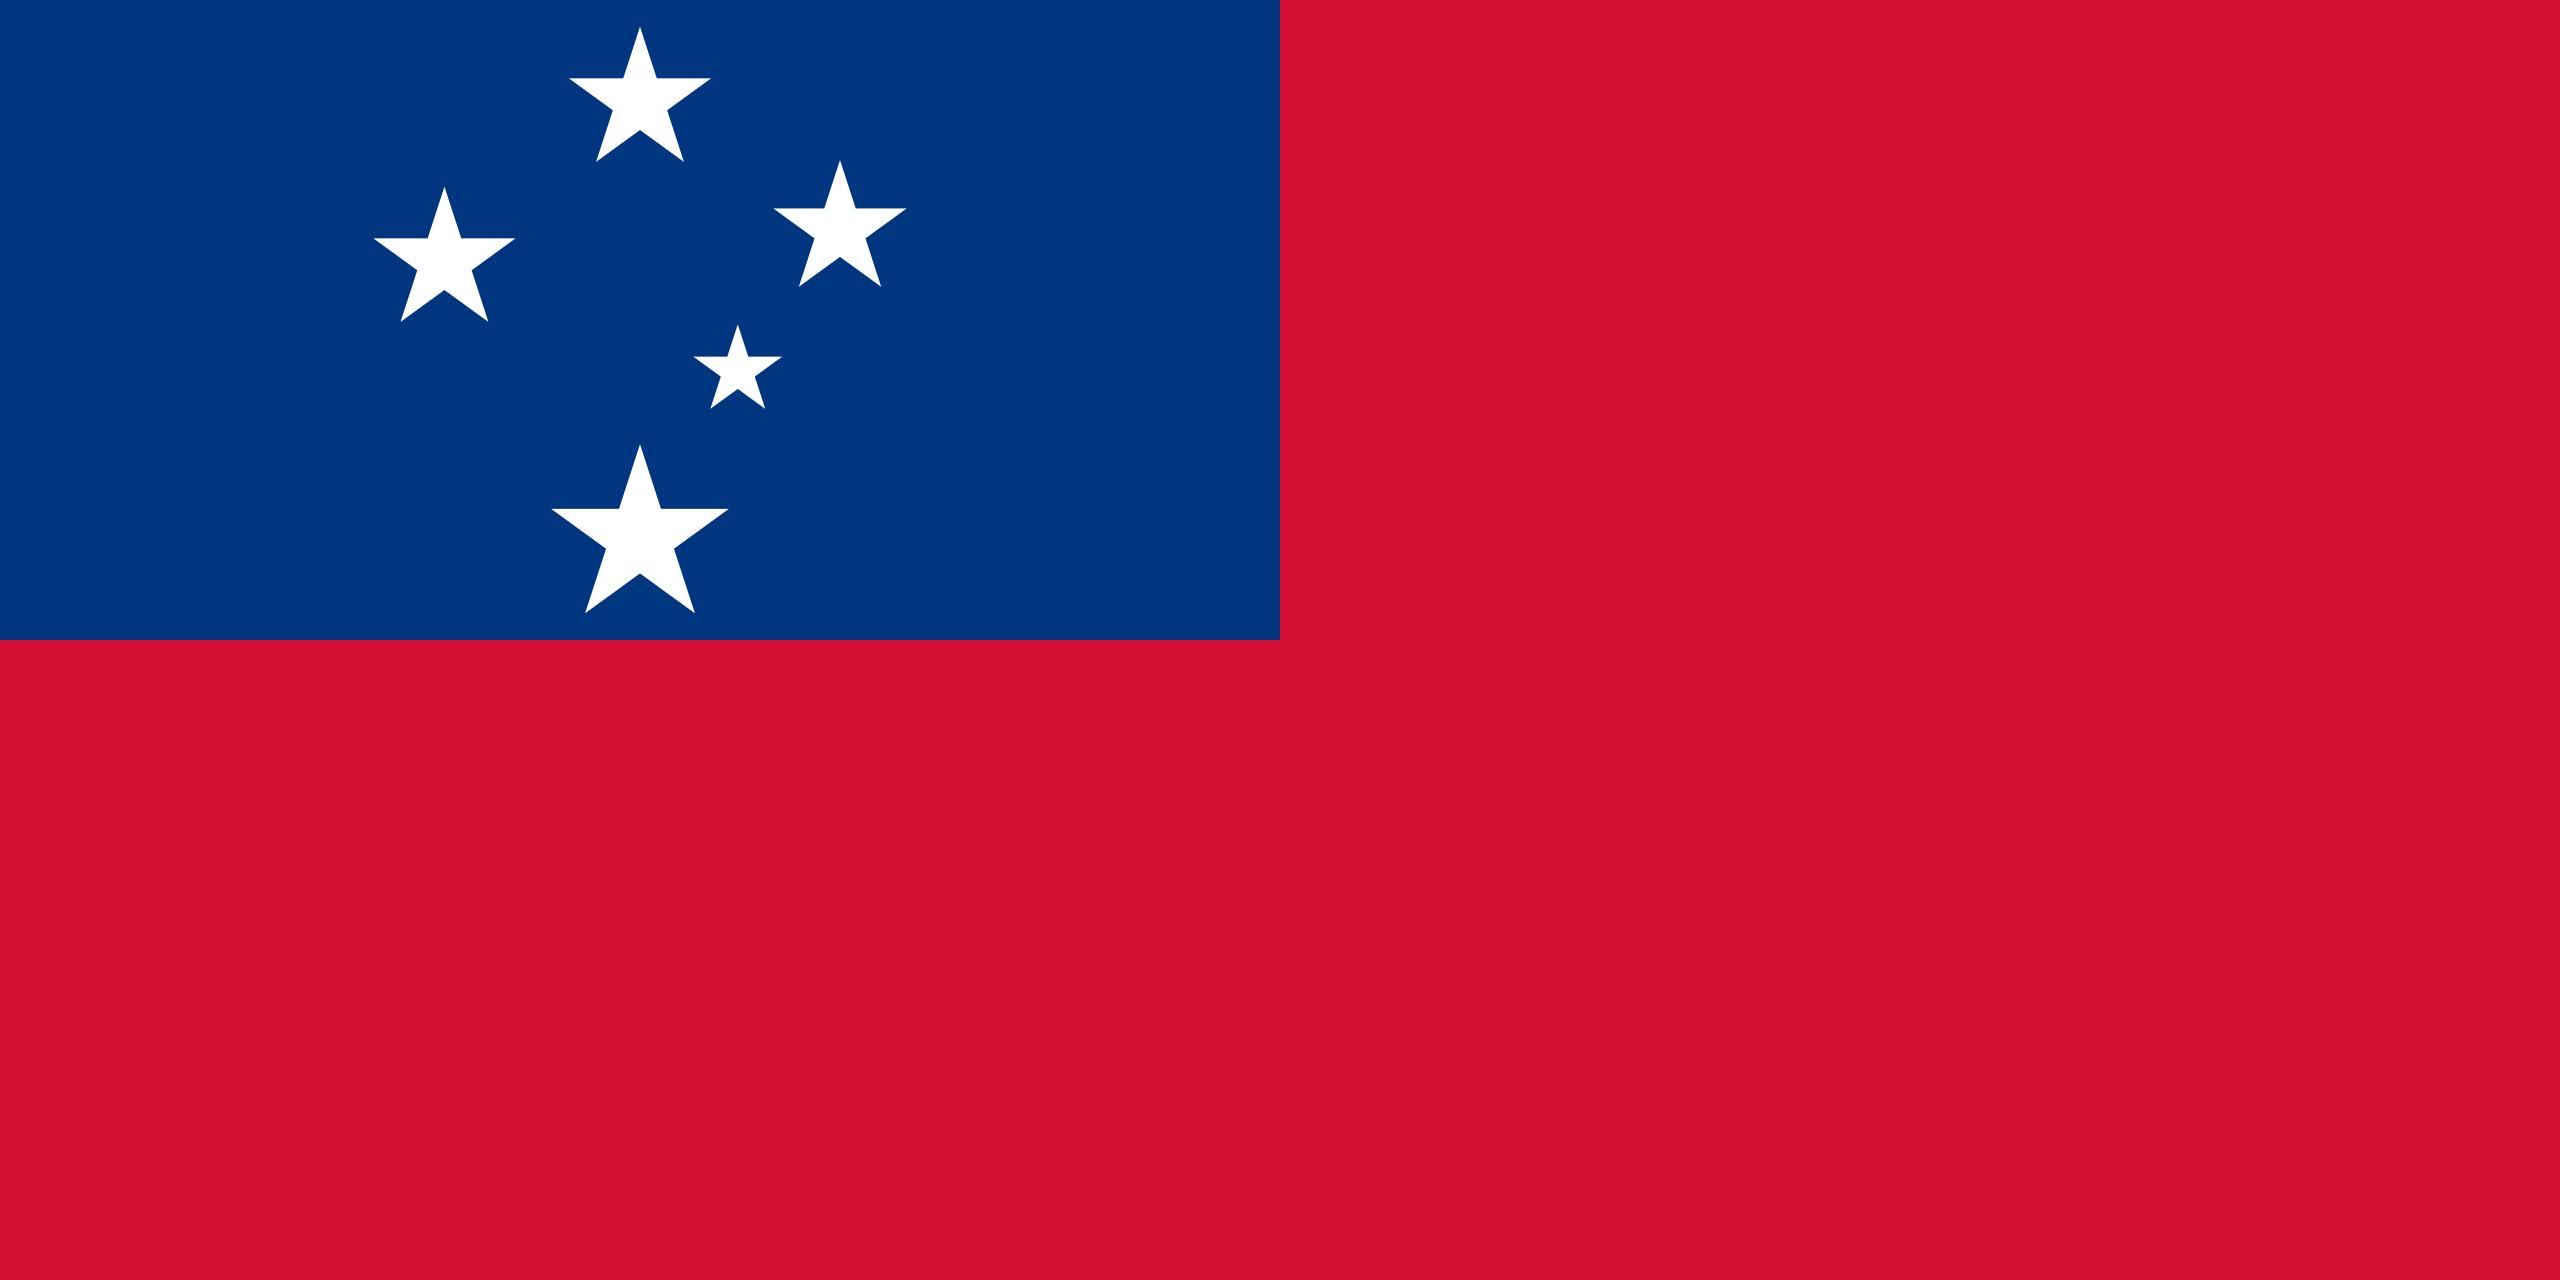 bandiere nazionali - Cerca con Google